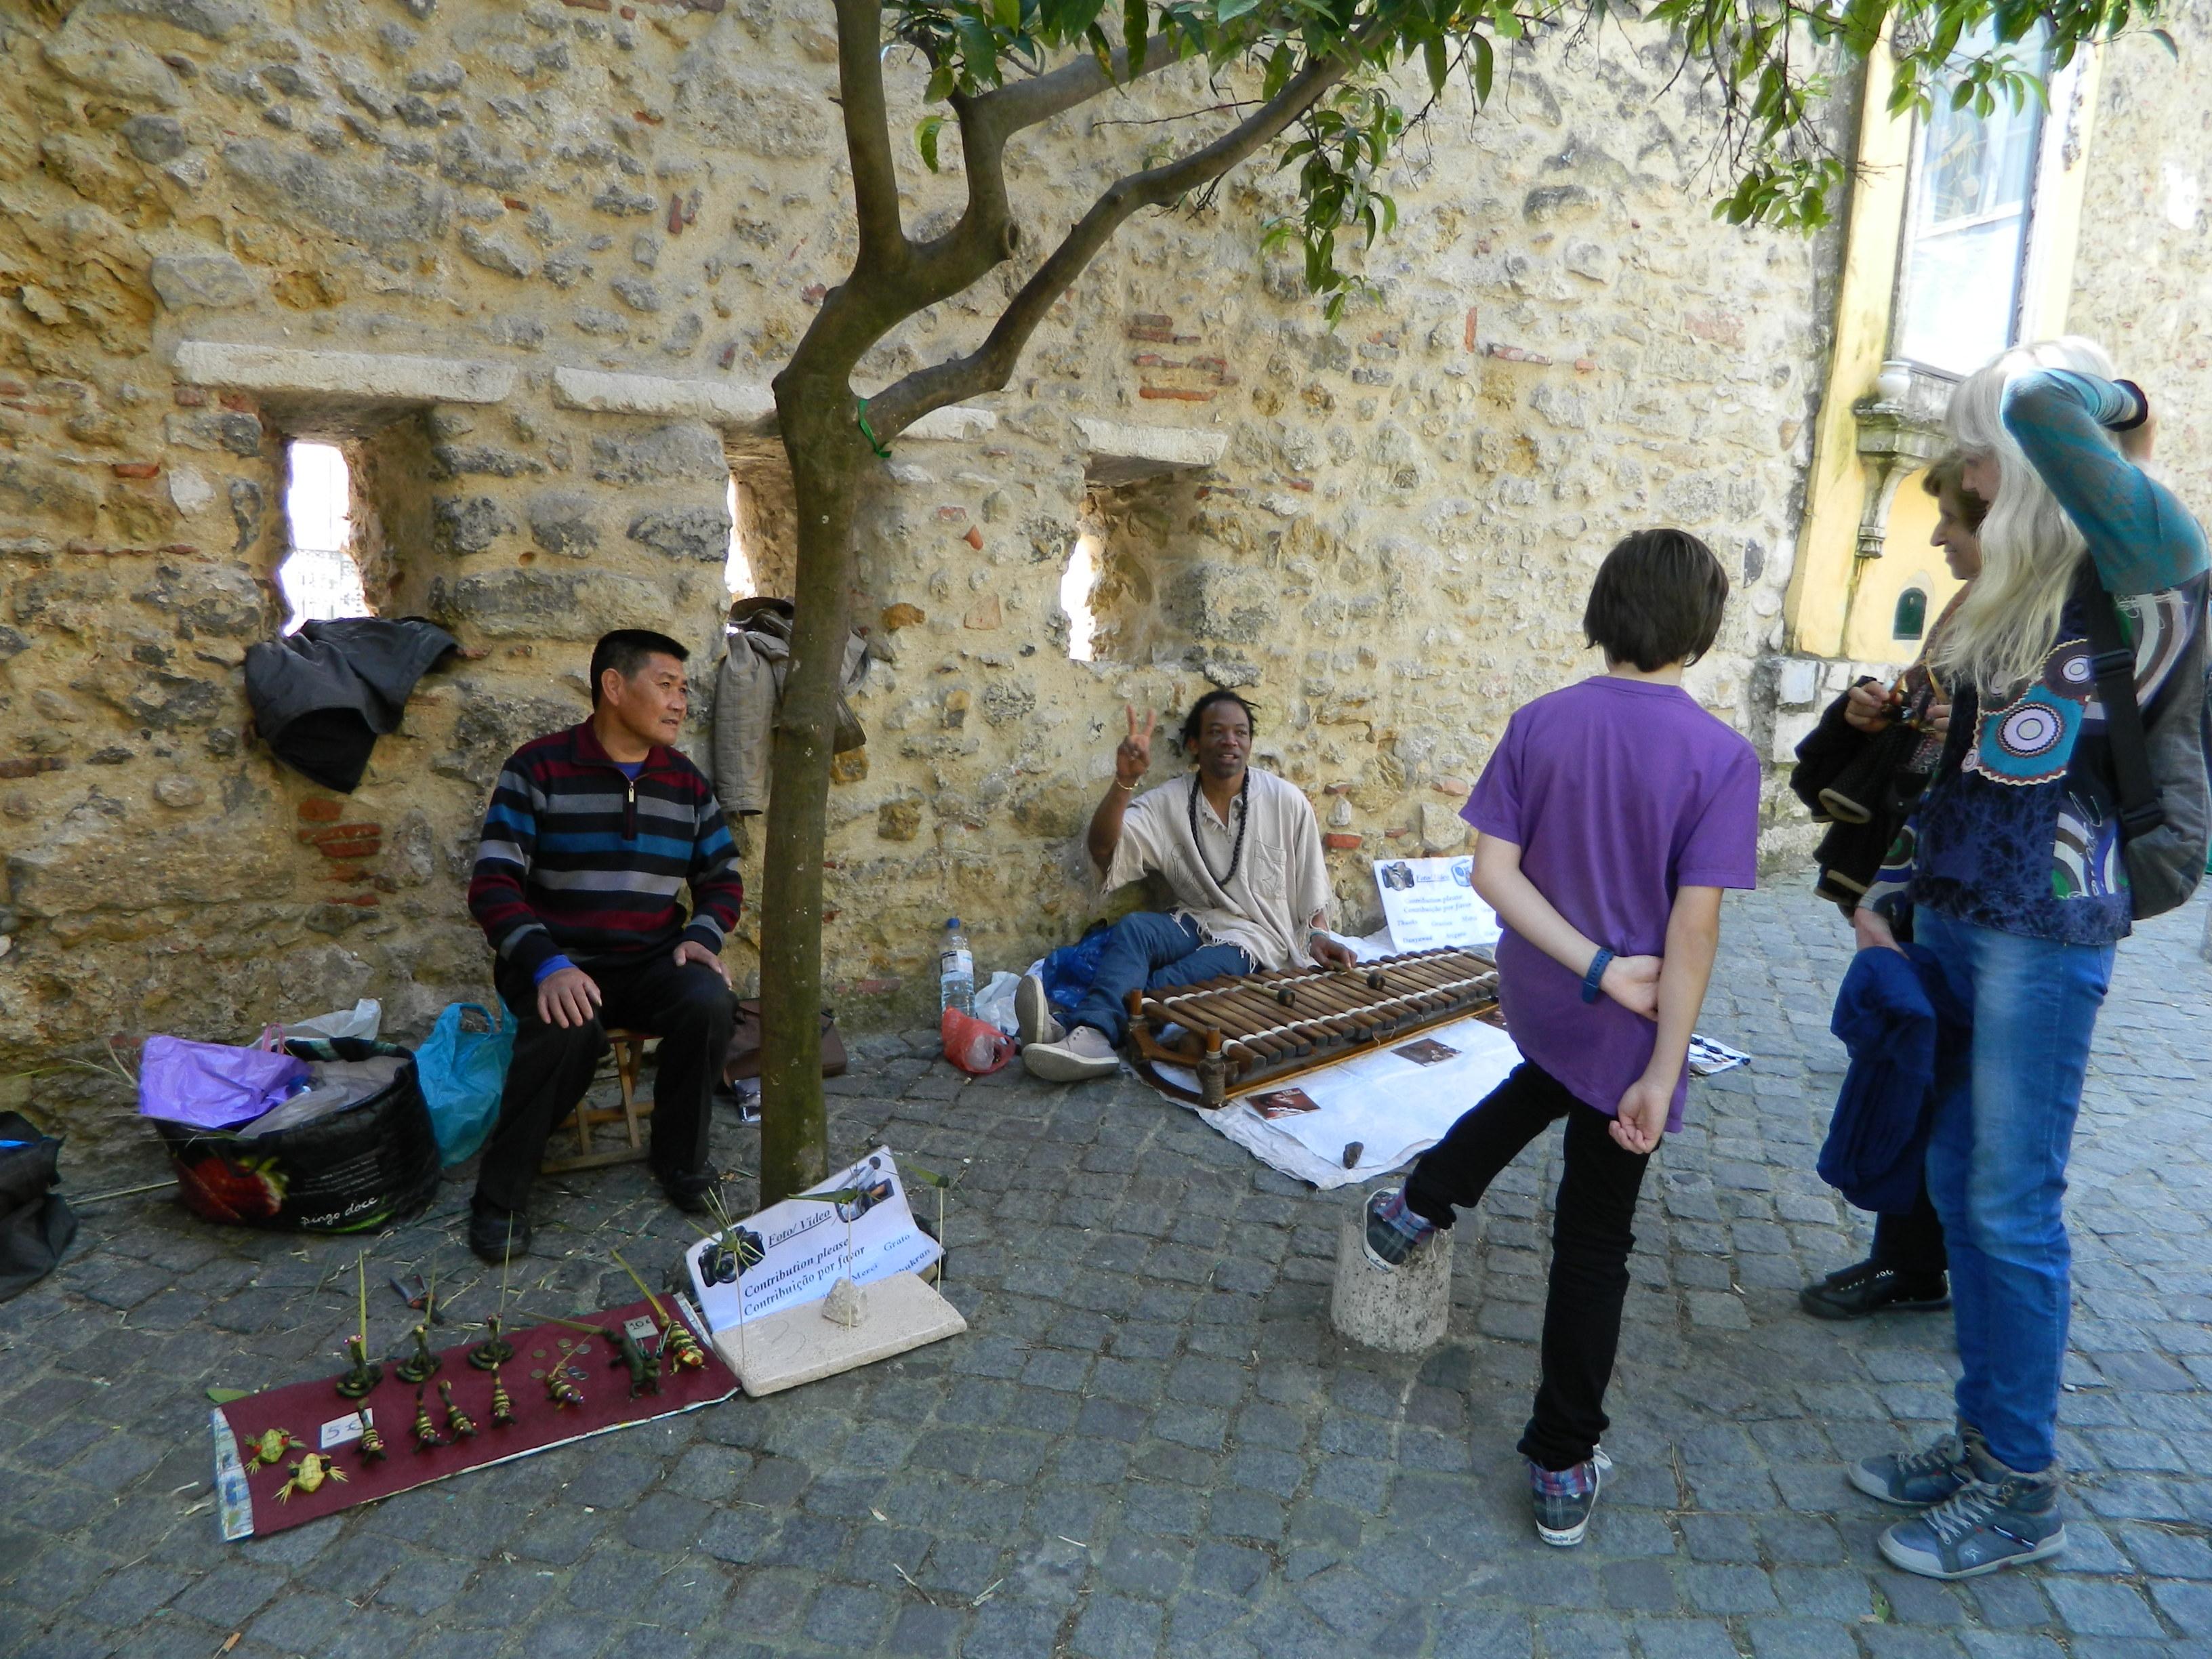 9 Artisti, de nu stiu ce, la intrarea in castelul Sao Jorge din Lisabona